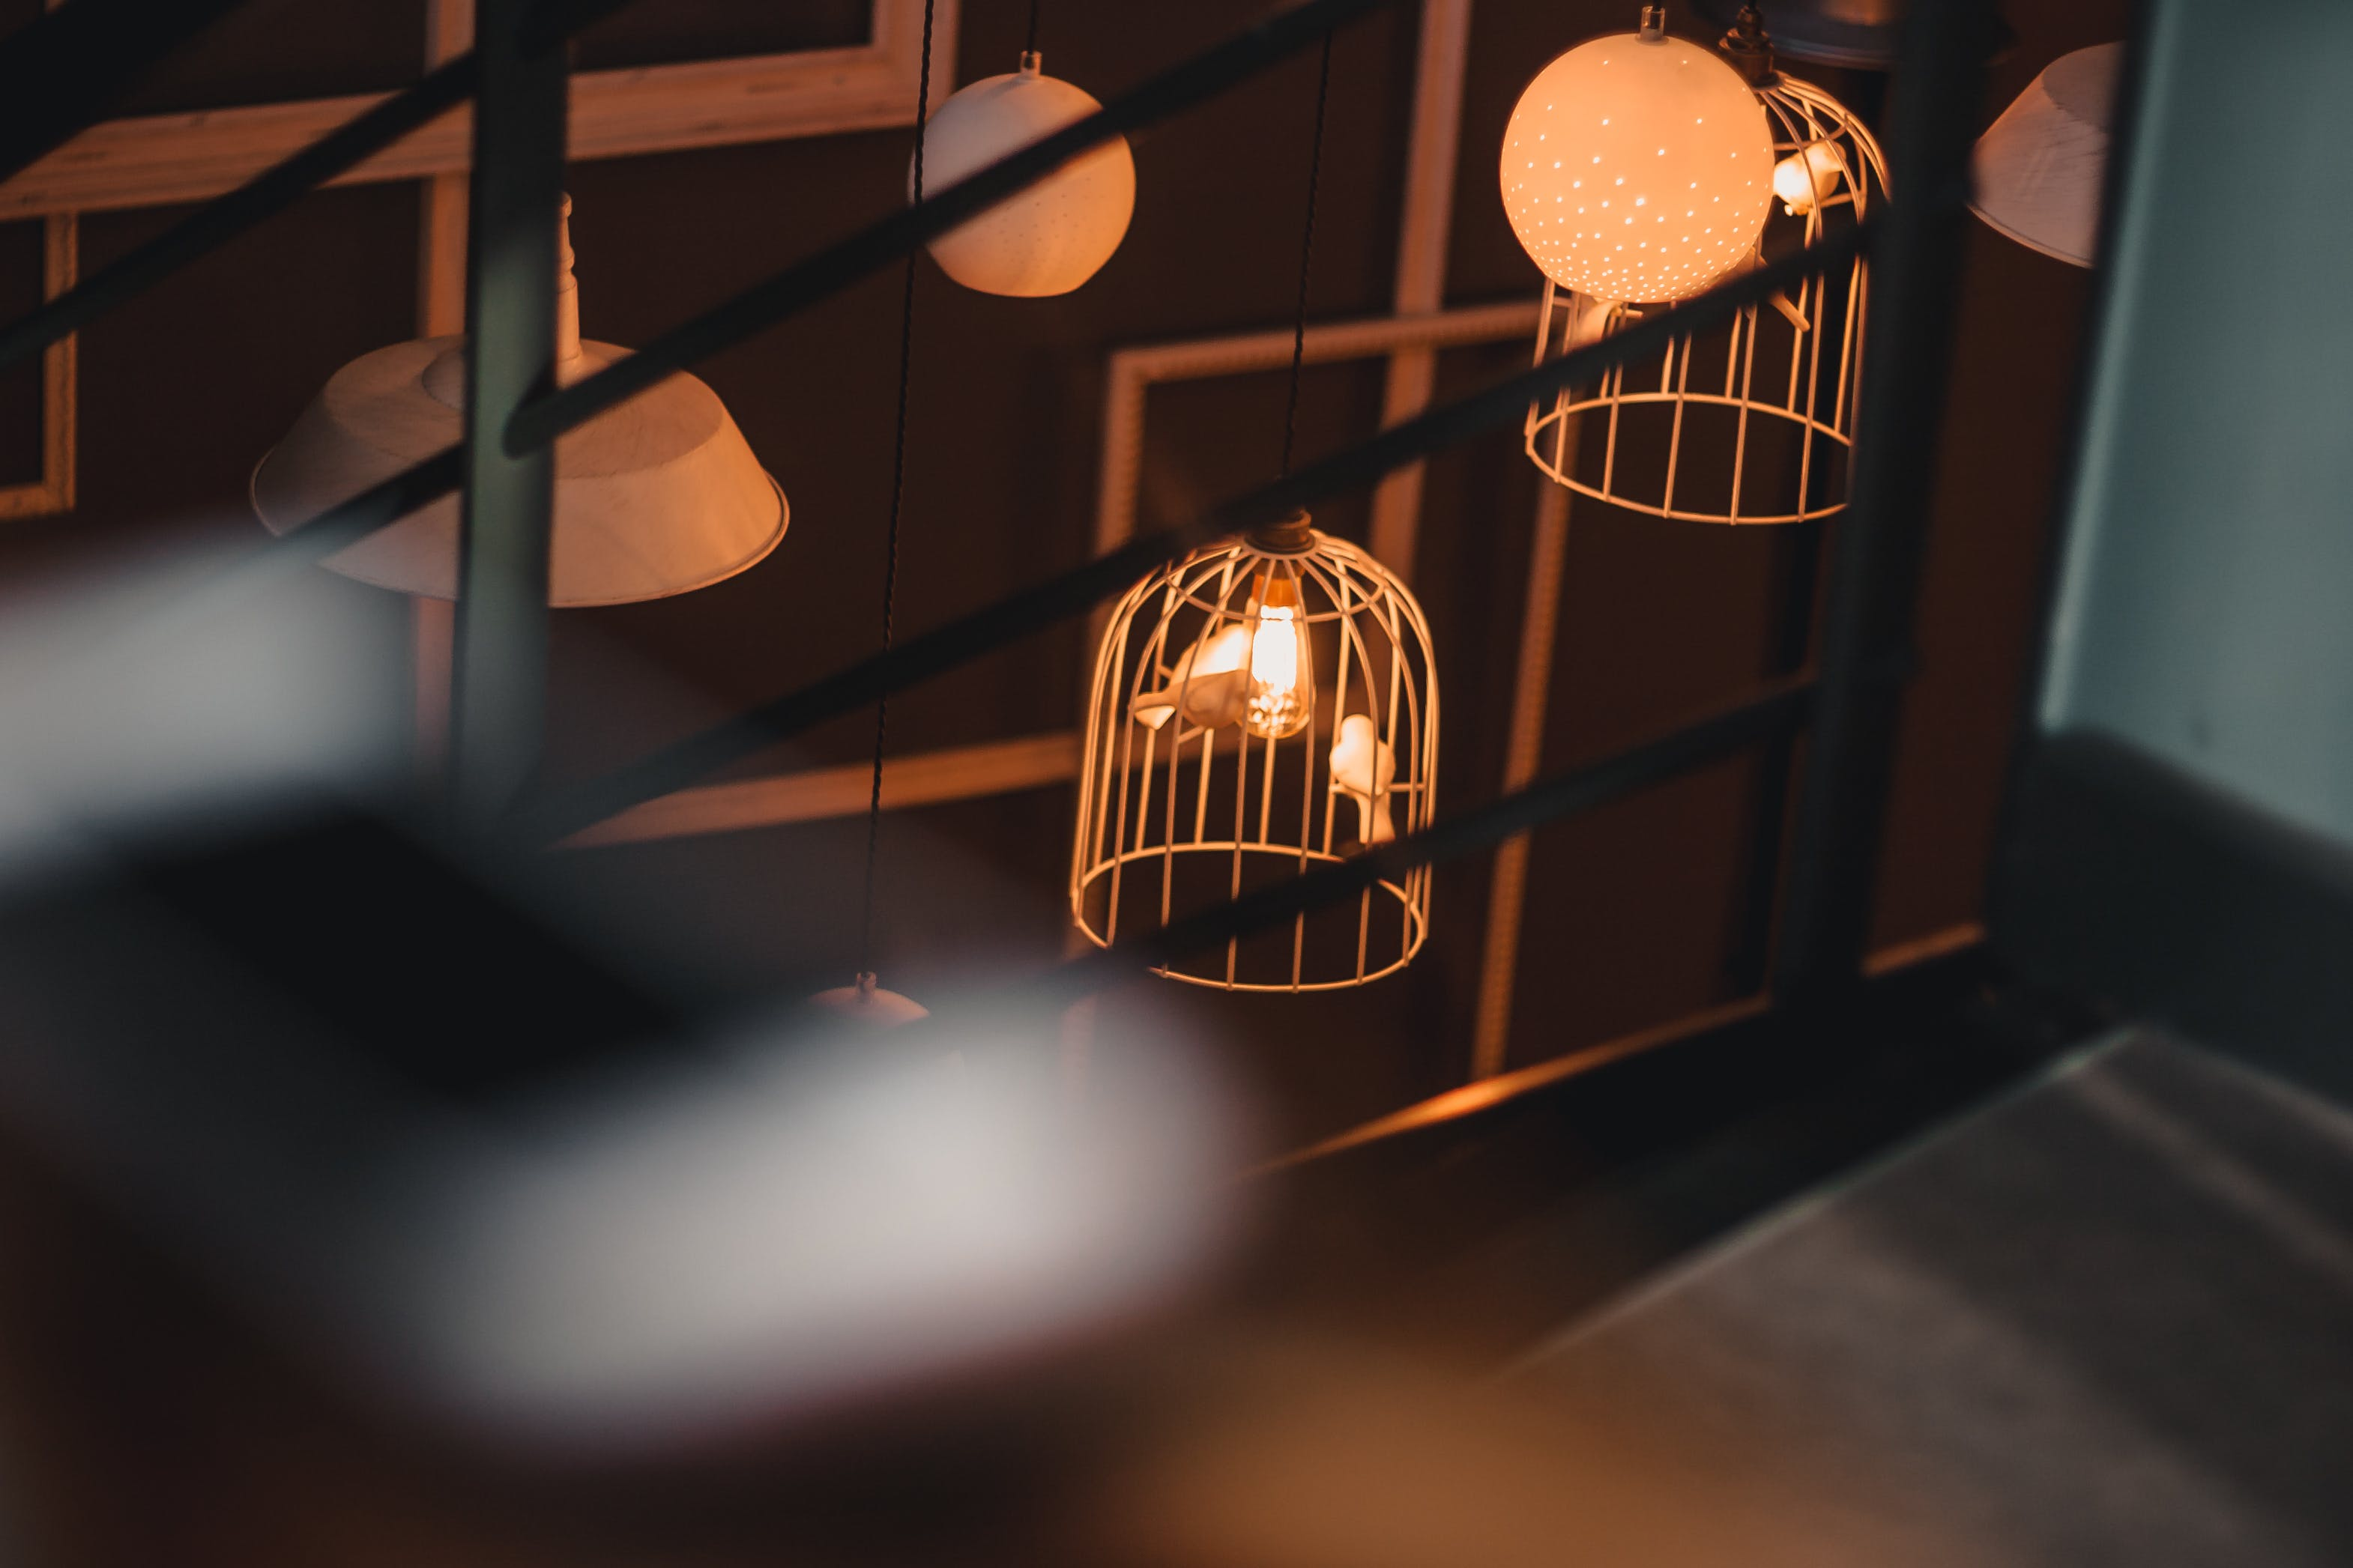 光, 室內, 家人, 建築設計 的 免費圖庫相片